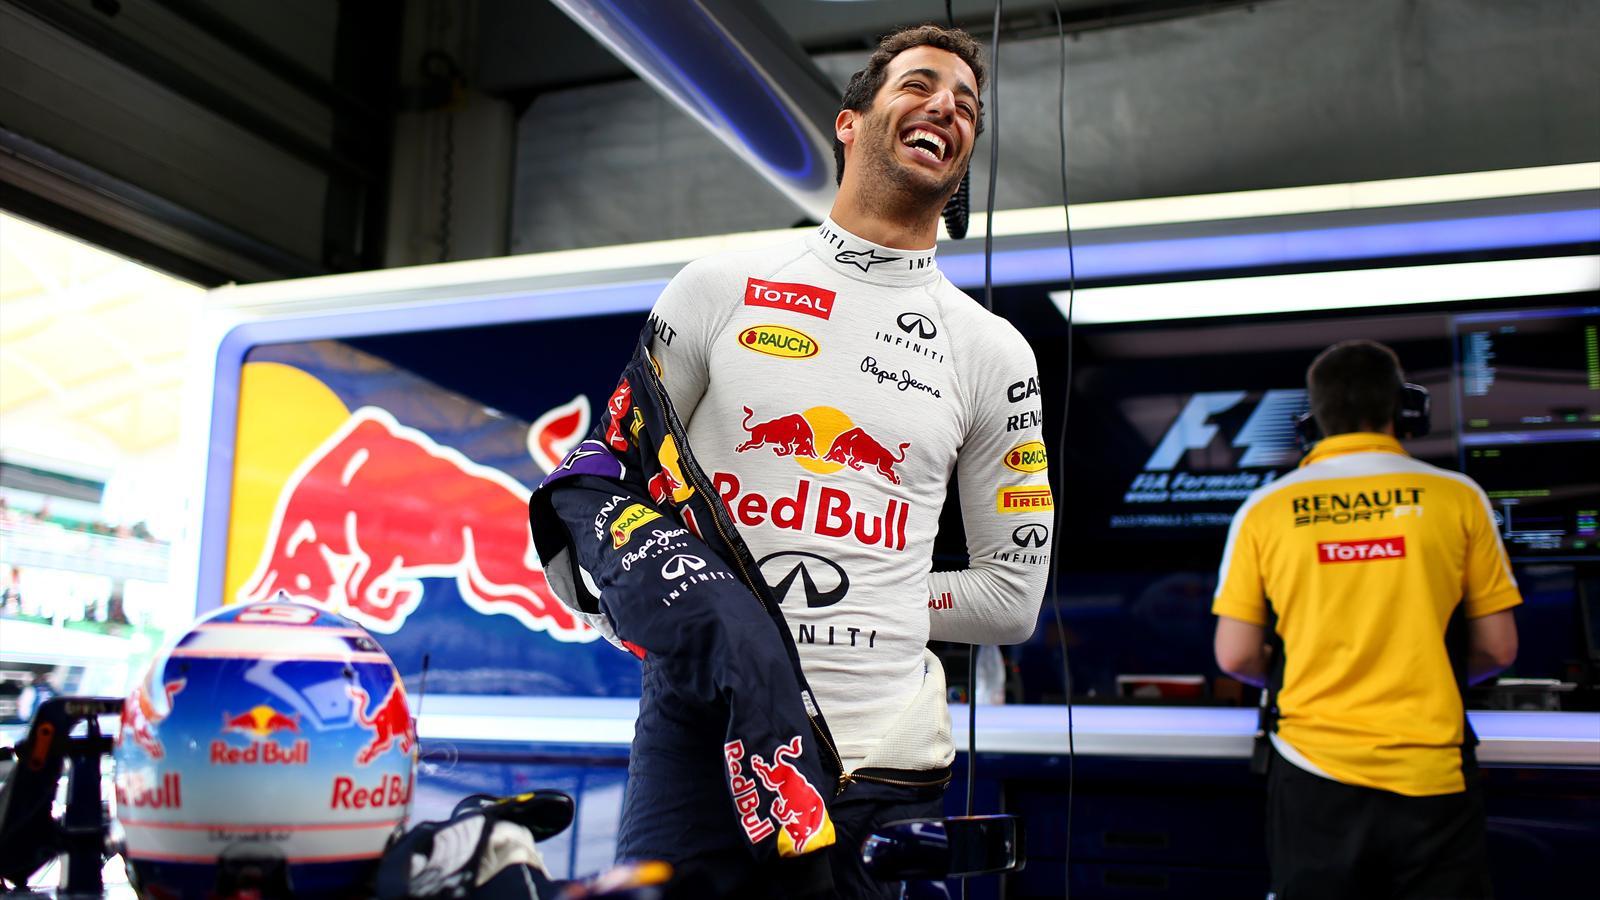 Spécial Sebastian Vettel (Formule un) - Page 18 1445175-30900350-1600-900